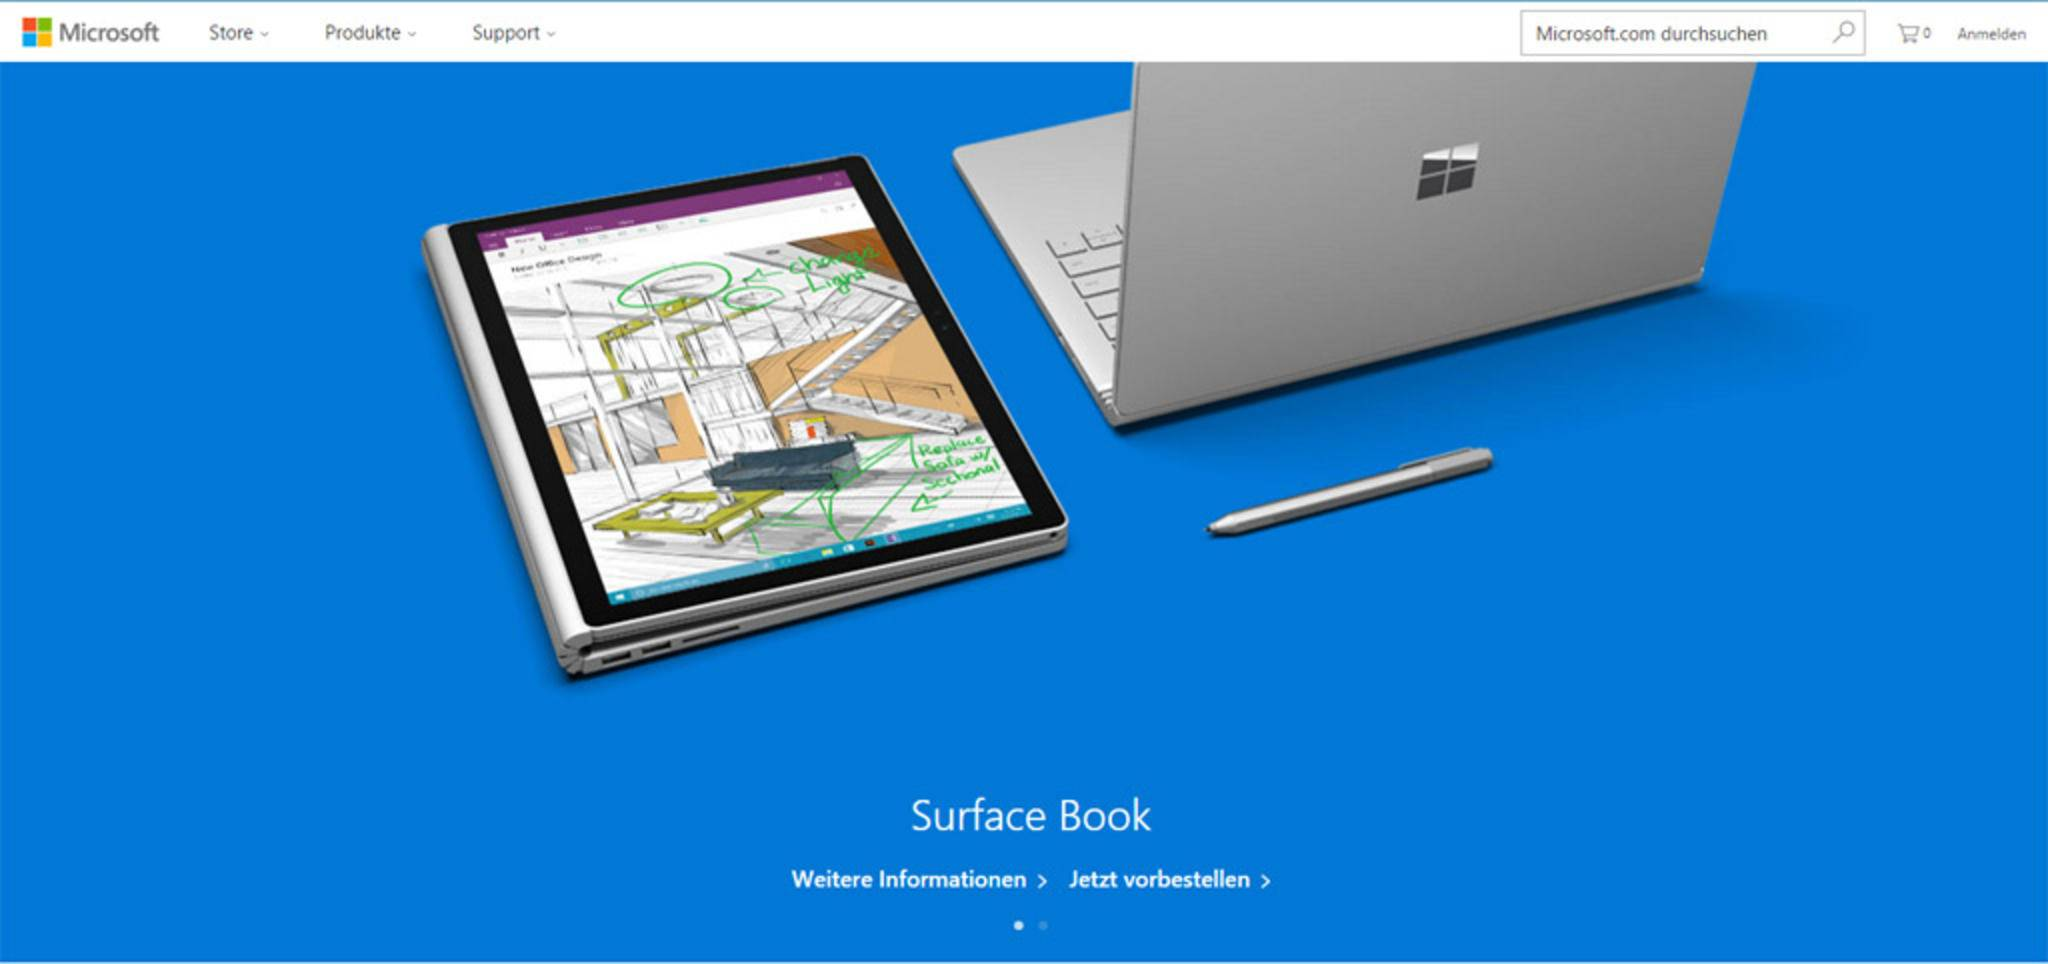 Heute beweist Microsoft mehr Geschmack und präsentiert sich farbenfroh.